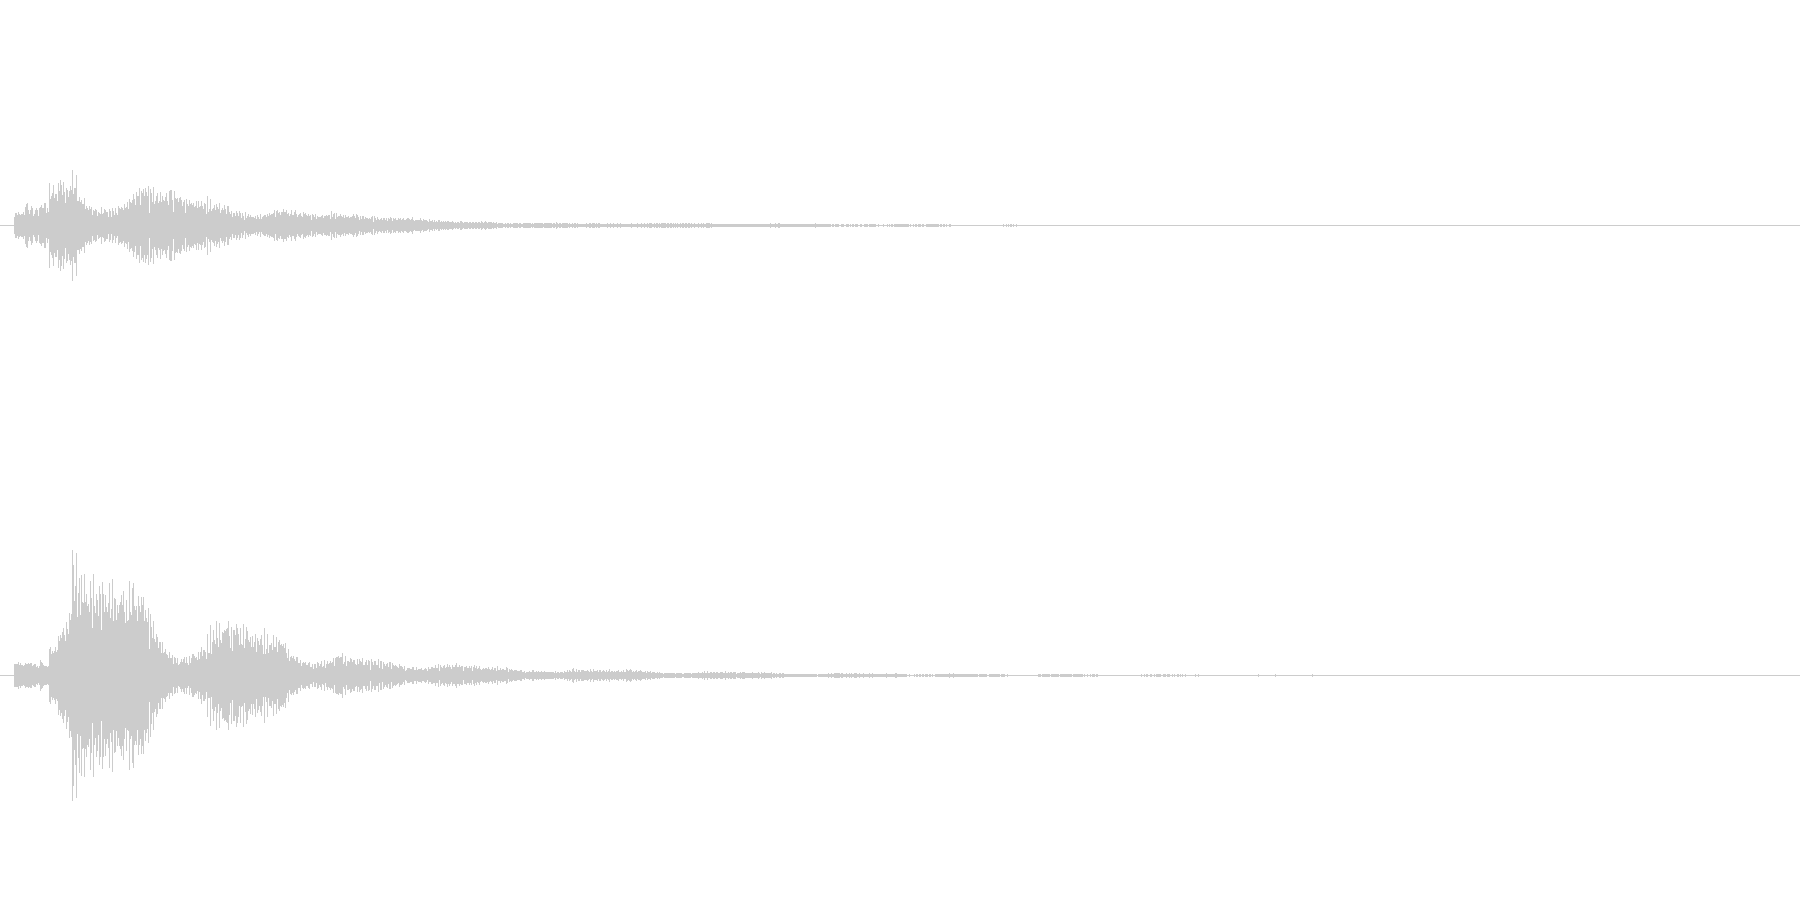 キラキラ系_069の未再生の波形